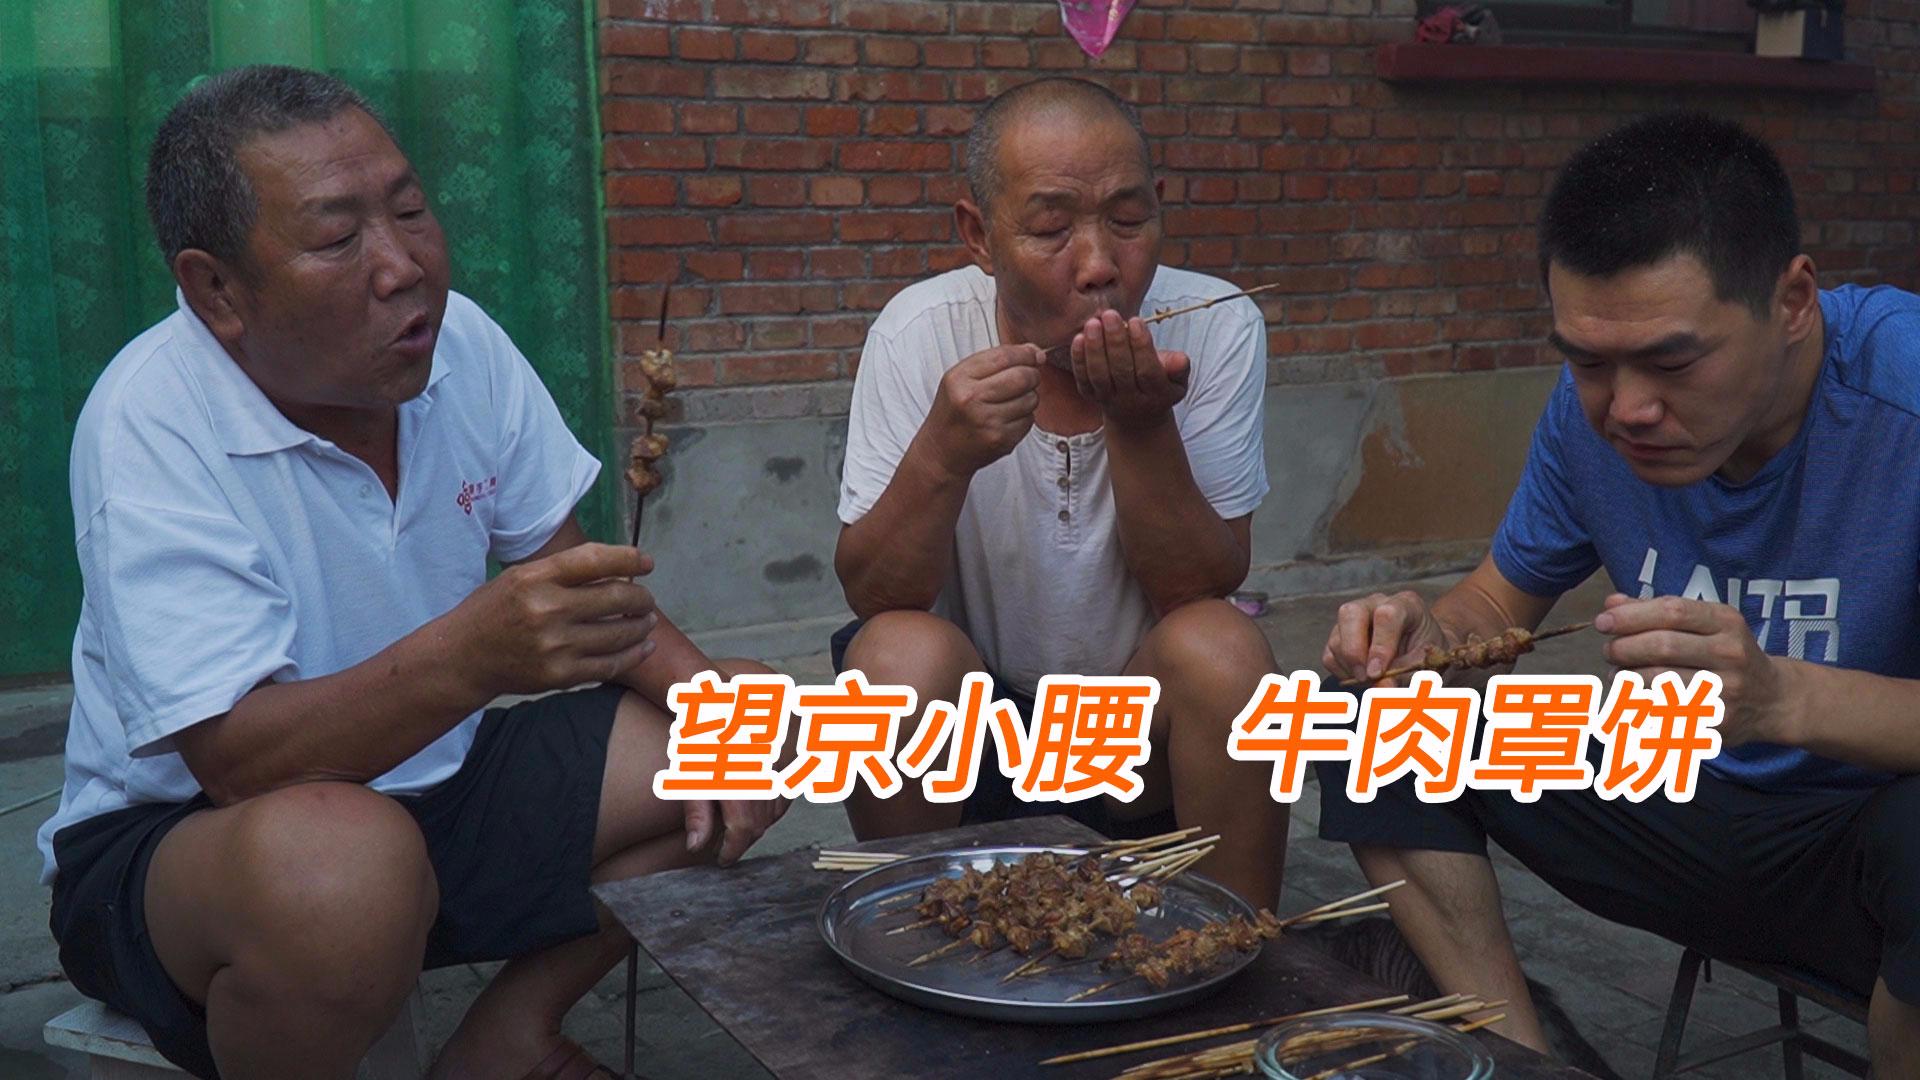 37串望京小腰,一大锅牛肉罩饼,阿远这顿吃的大补,太解馋了